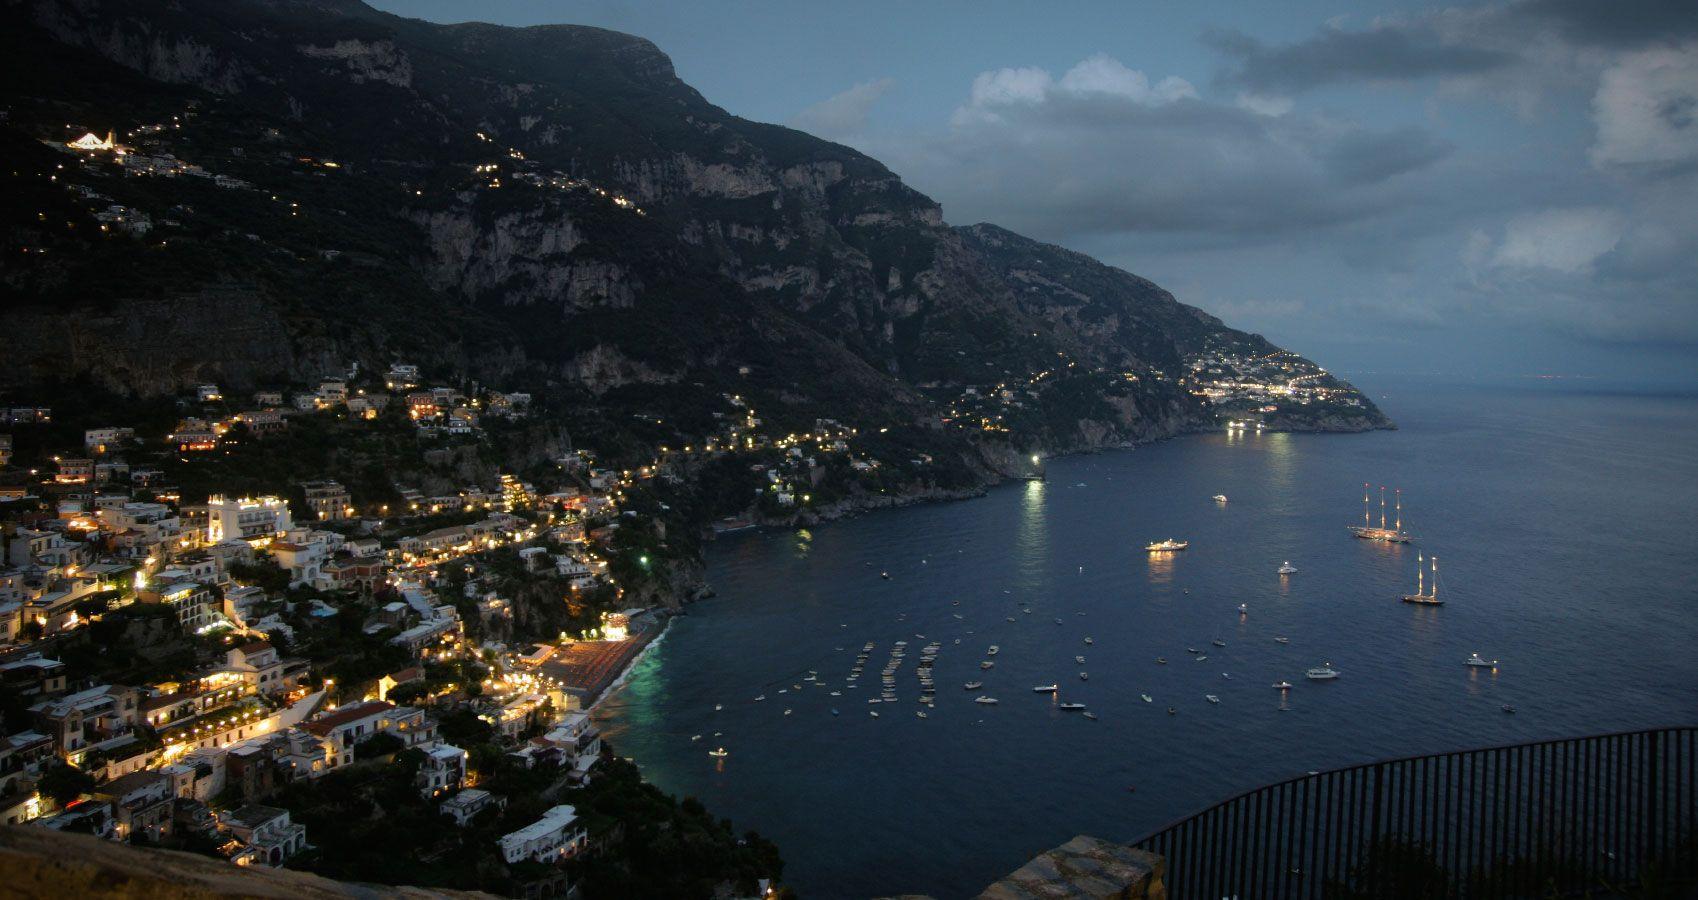 Le Terrazze Restaurant Via Grotte dell Incanto, 51 84017 Positano ...